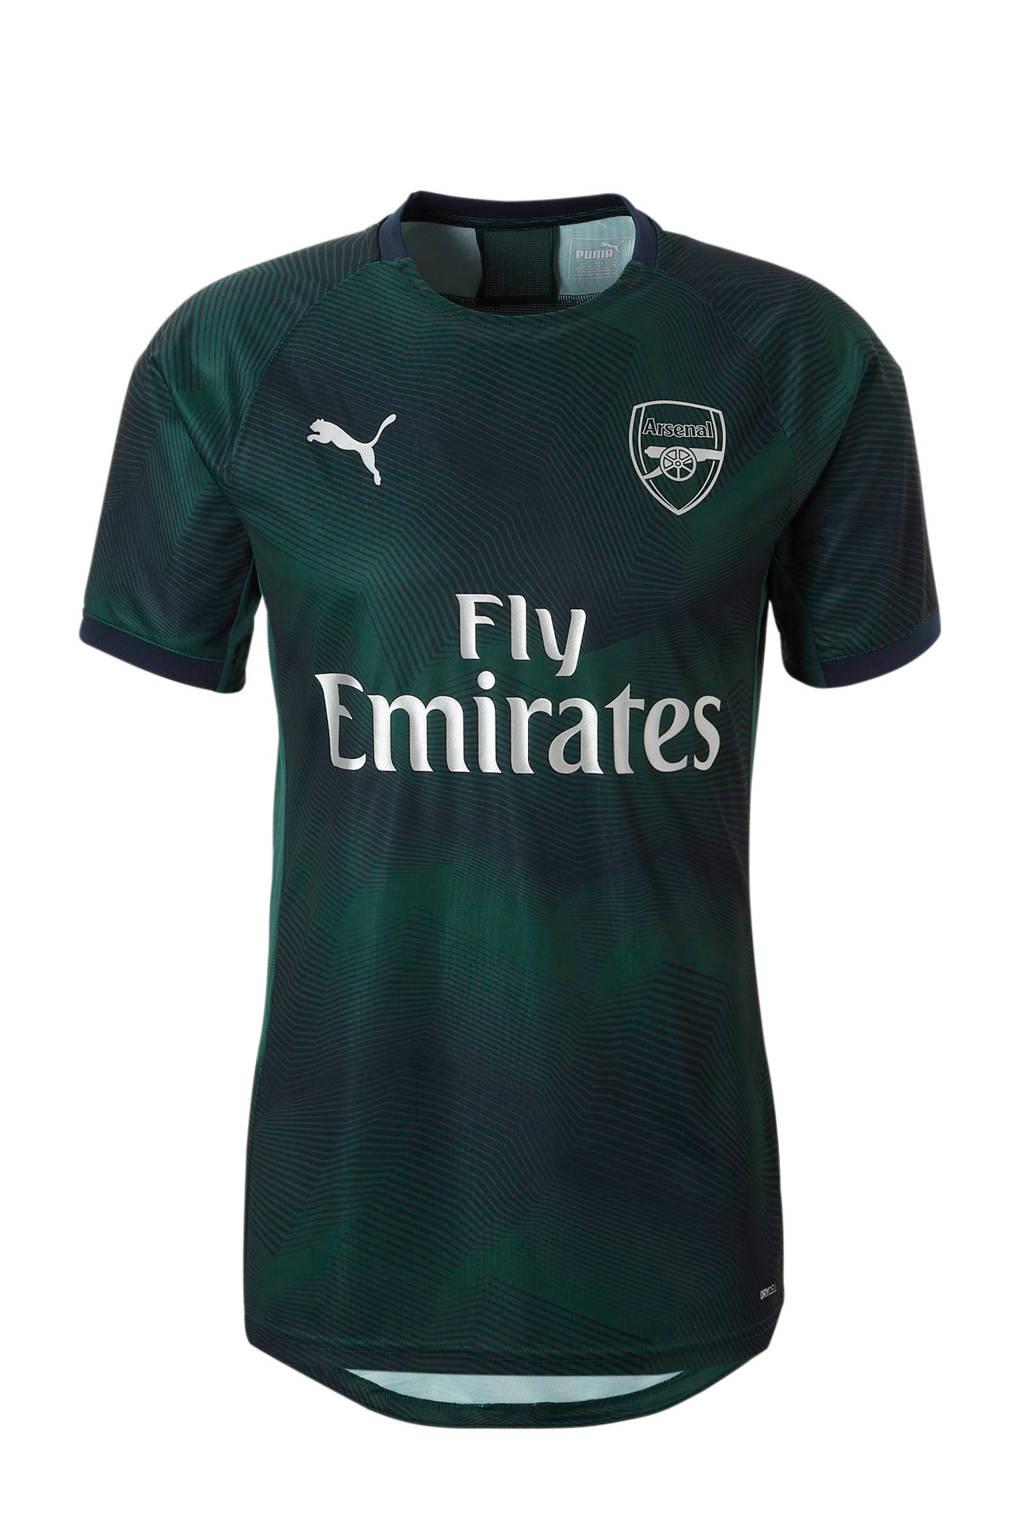 Puma Senior Arsenal FC voetbalshirt, Donkergroen/zwart